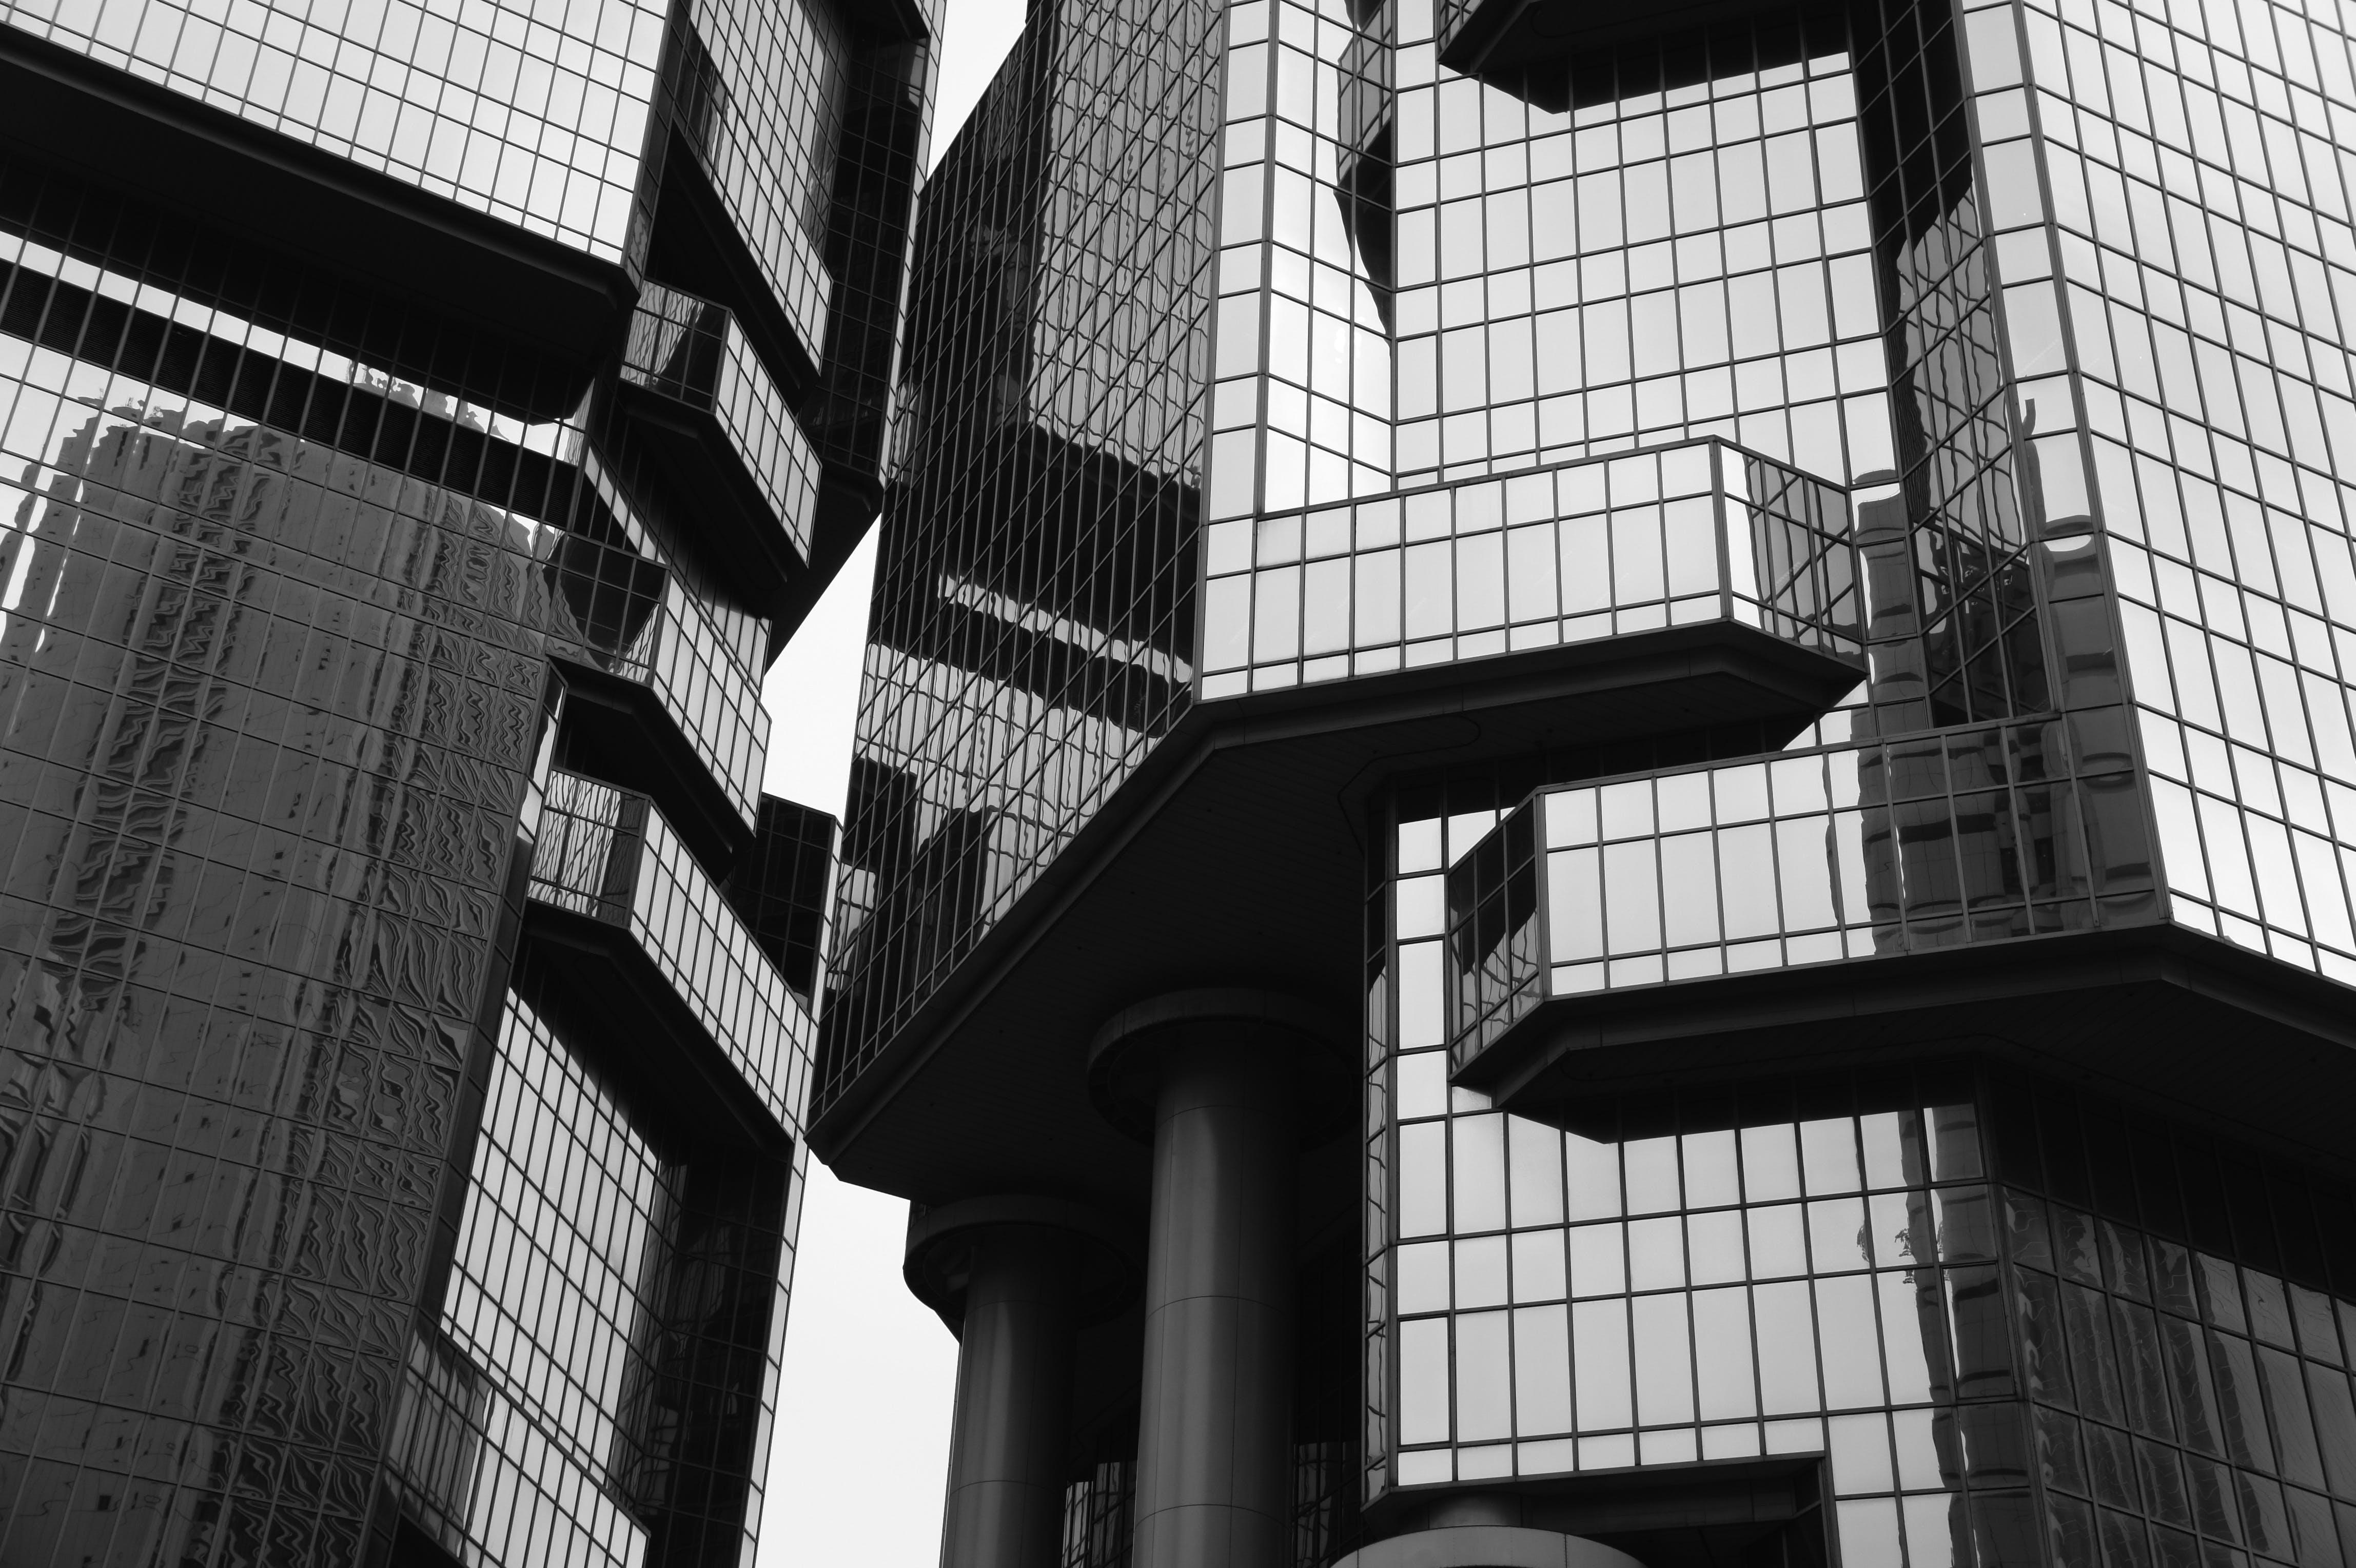 Gratis stockfoto met architectuur, drinkglas, flat, gebouw